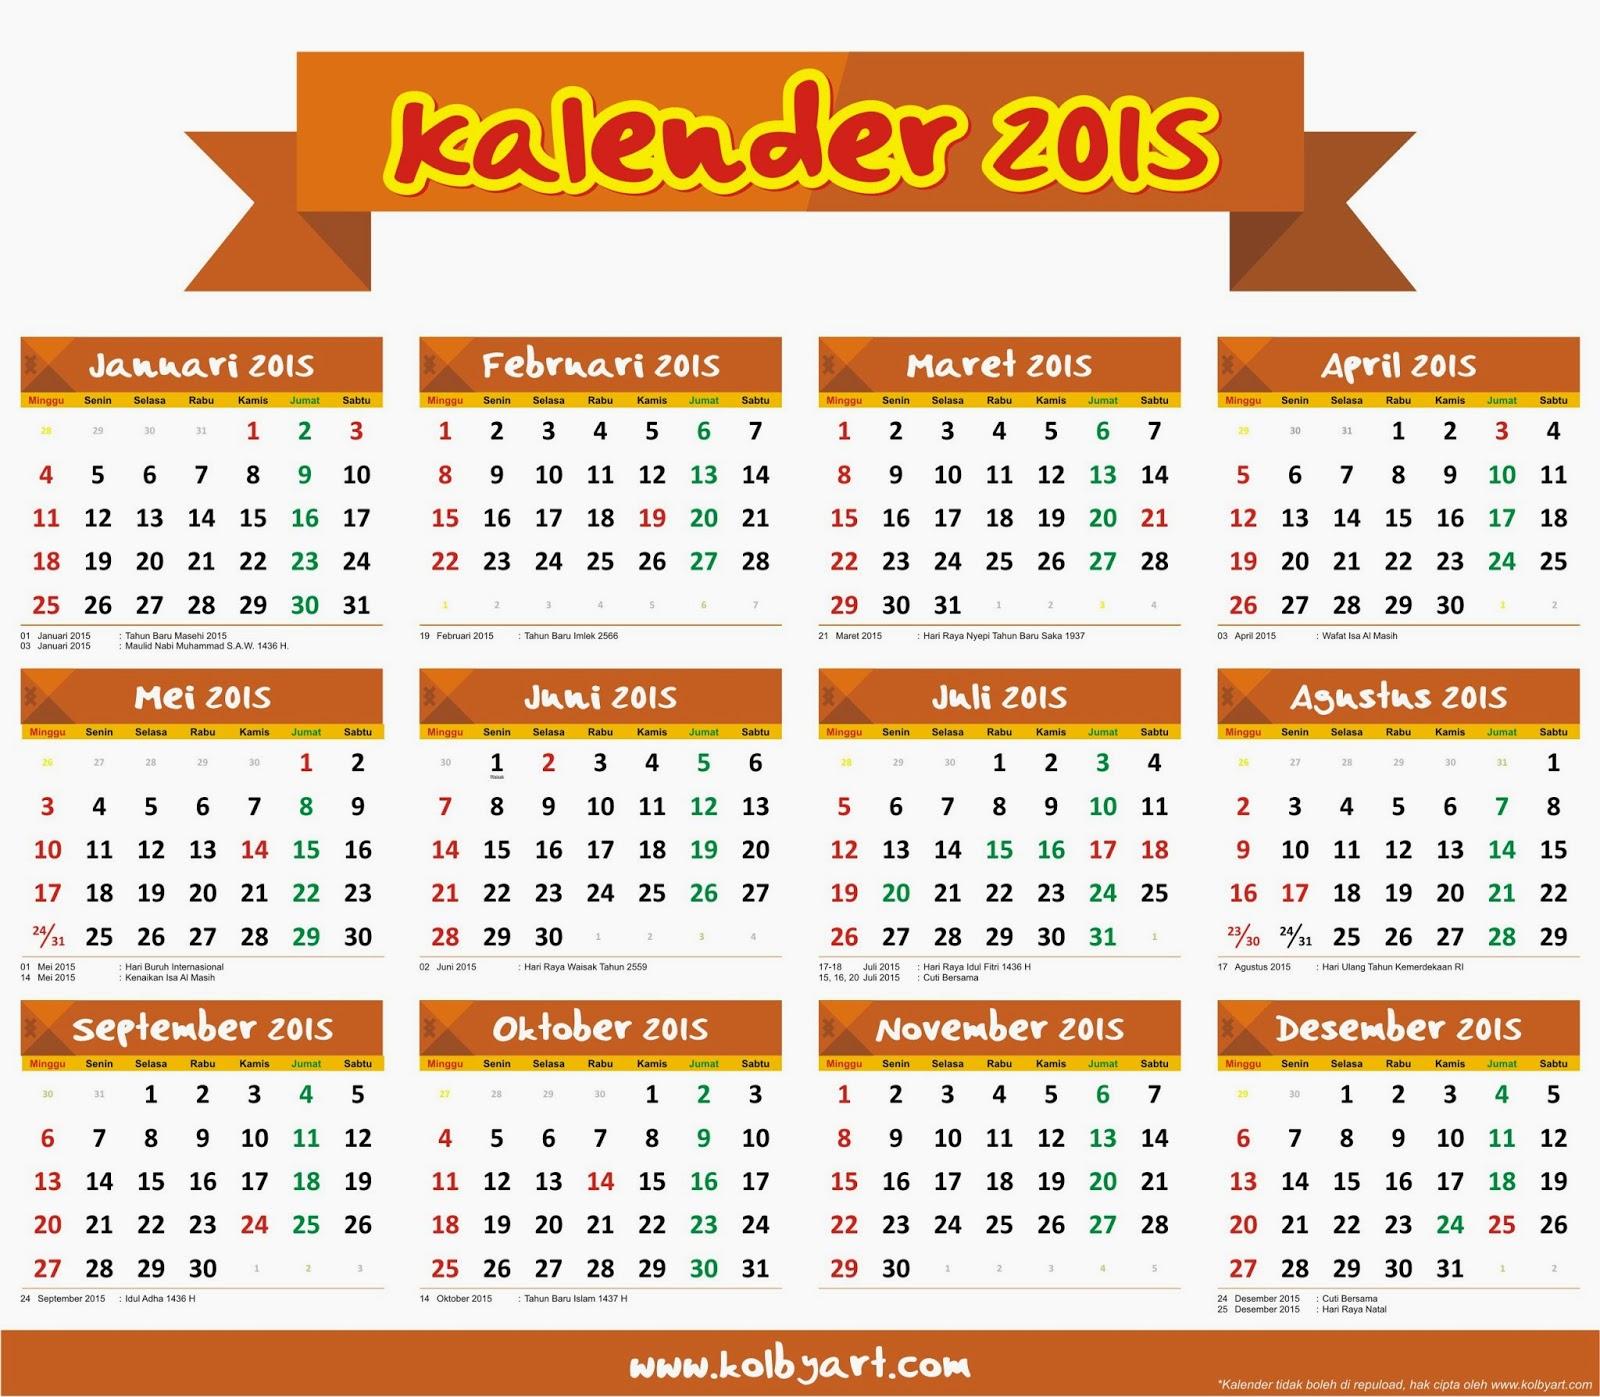 Sejarah dan Peristiwa: Sejarah Kalender Hijriyah atau Kalender Islam